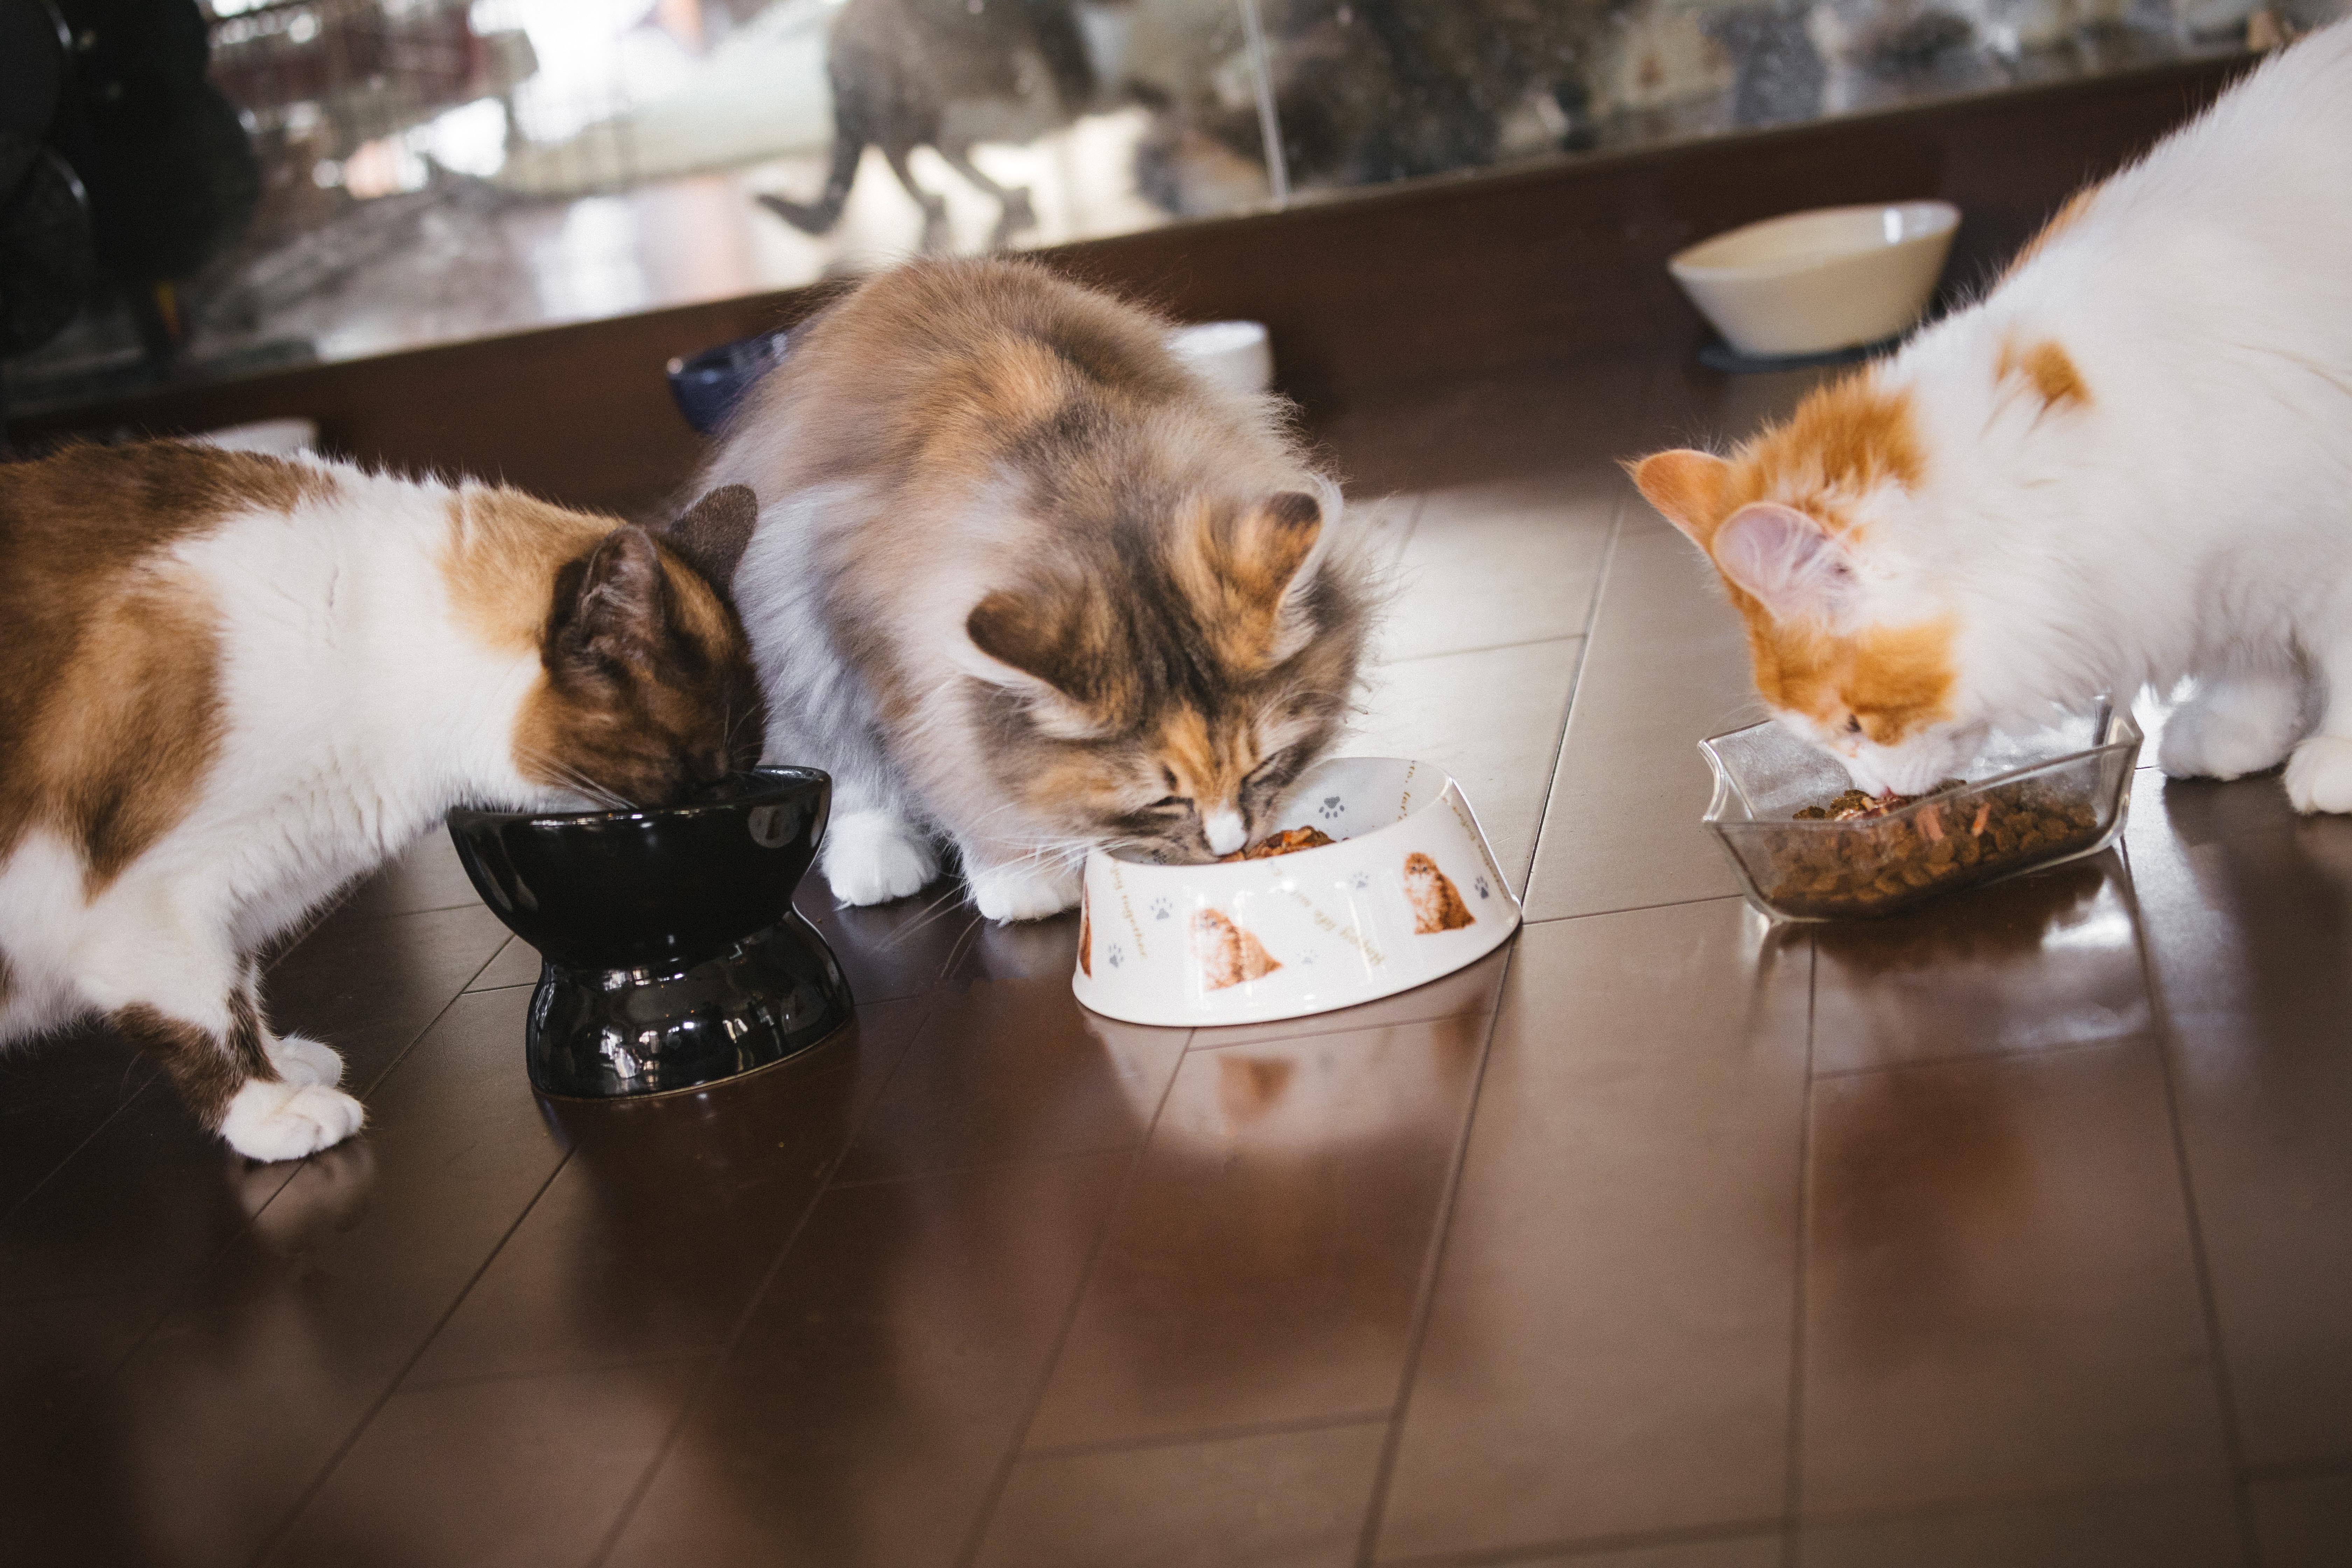 ▲貓咪,貓貓,喵星人,多貓,貓皇 。(圖/取自免費圖庫Pakutaso)